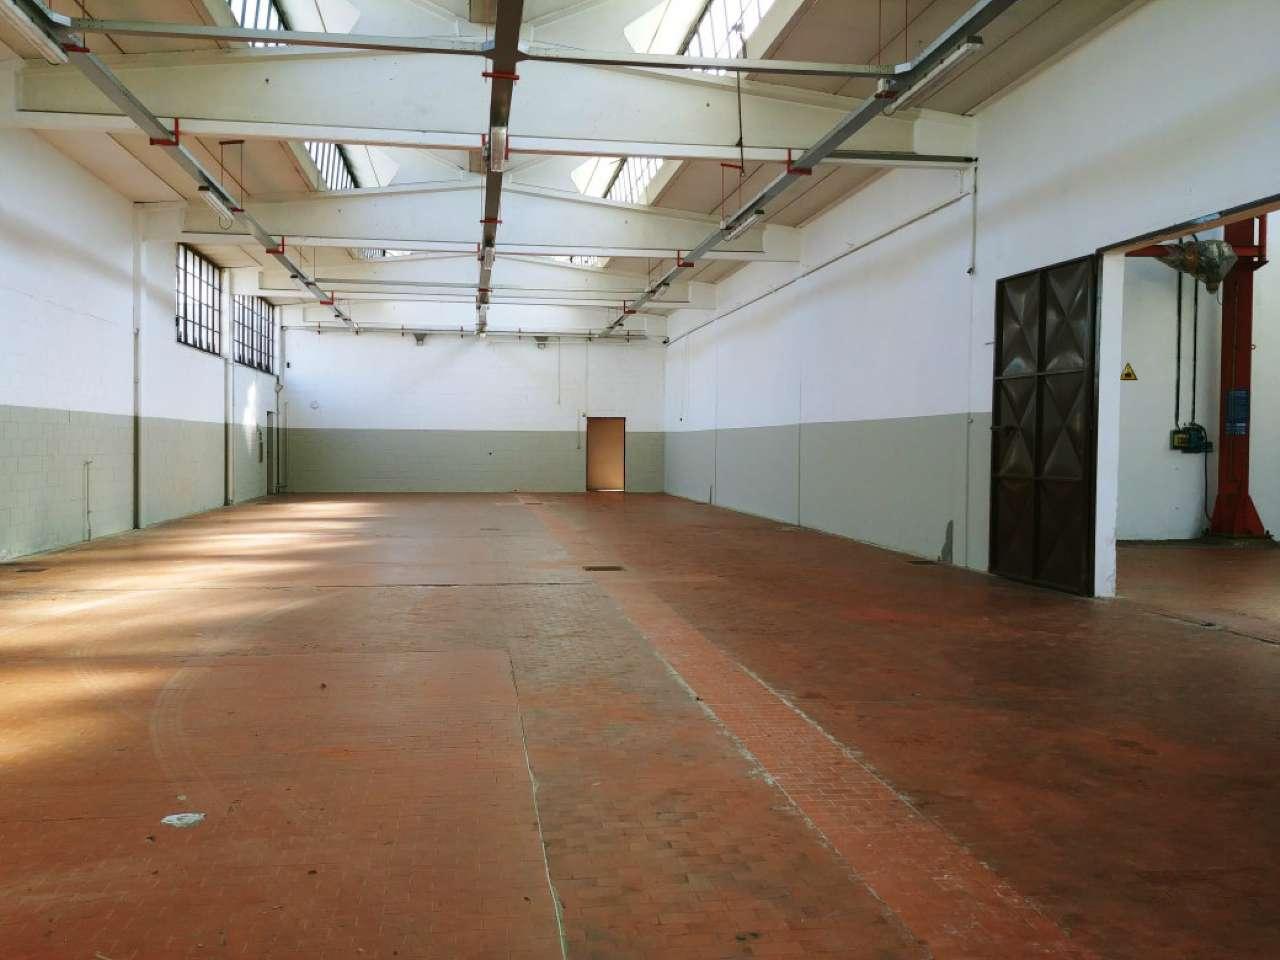 Capannone in affitto a Cologno Monzese, 9999 locali, prezzo € 4.000 | CambioCasa.it